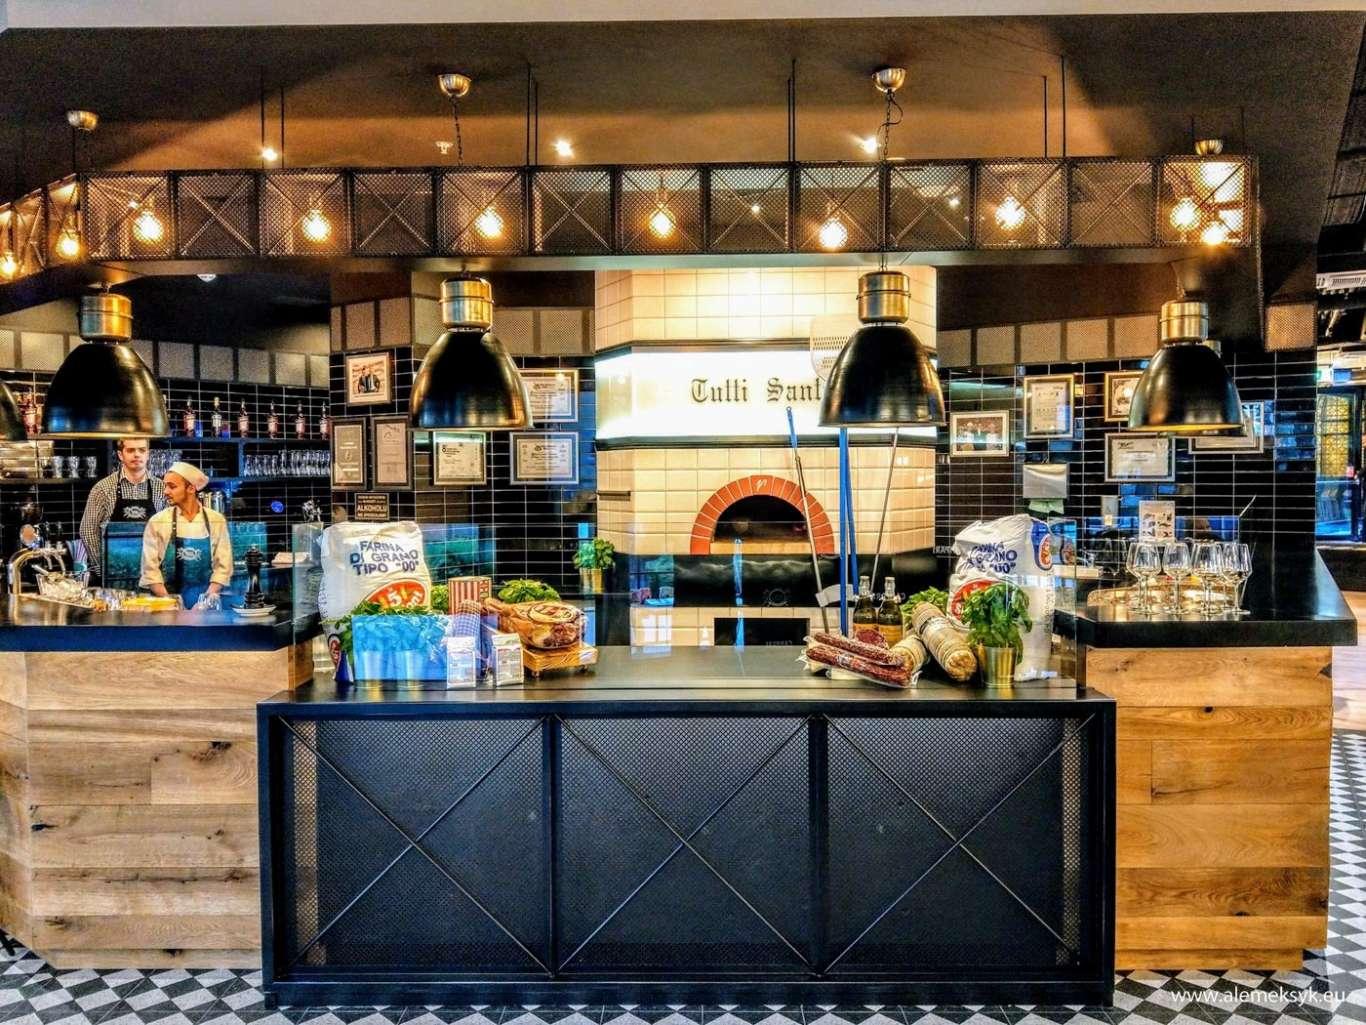 Wloska Restauracja Tutti Santi Pyszne Nowe Miejsce W Warszawie